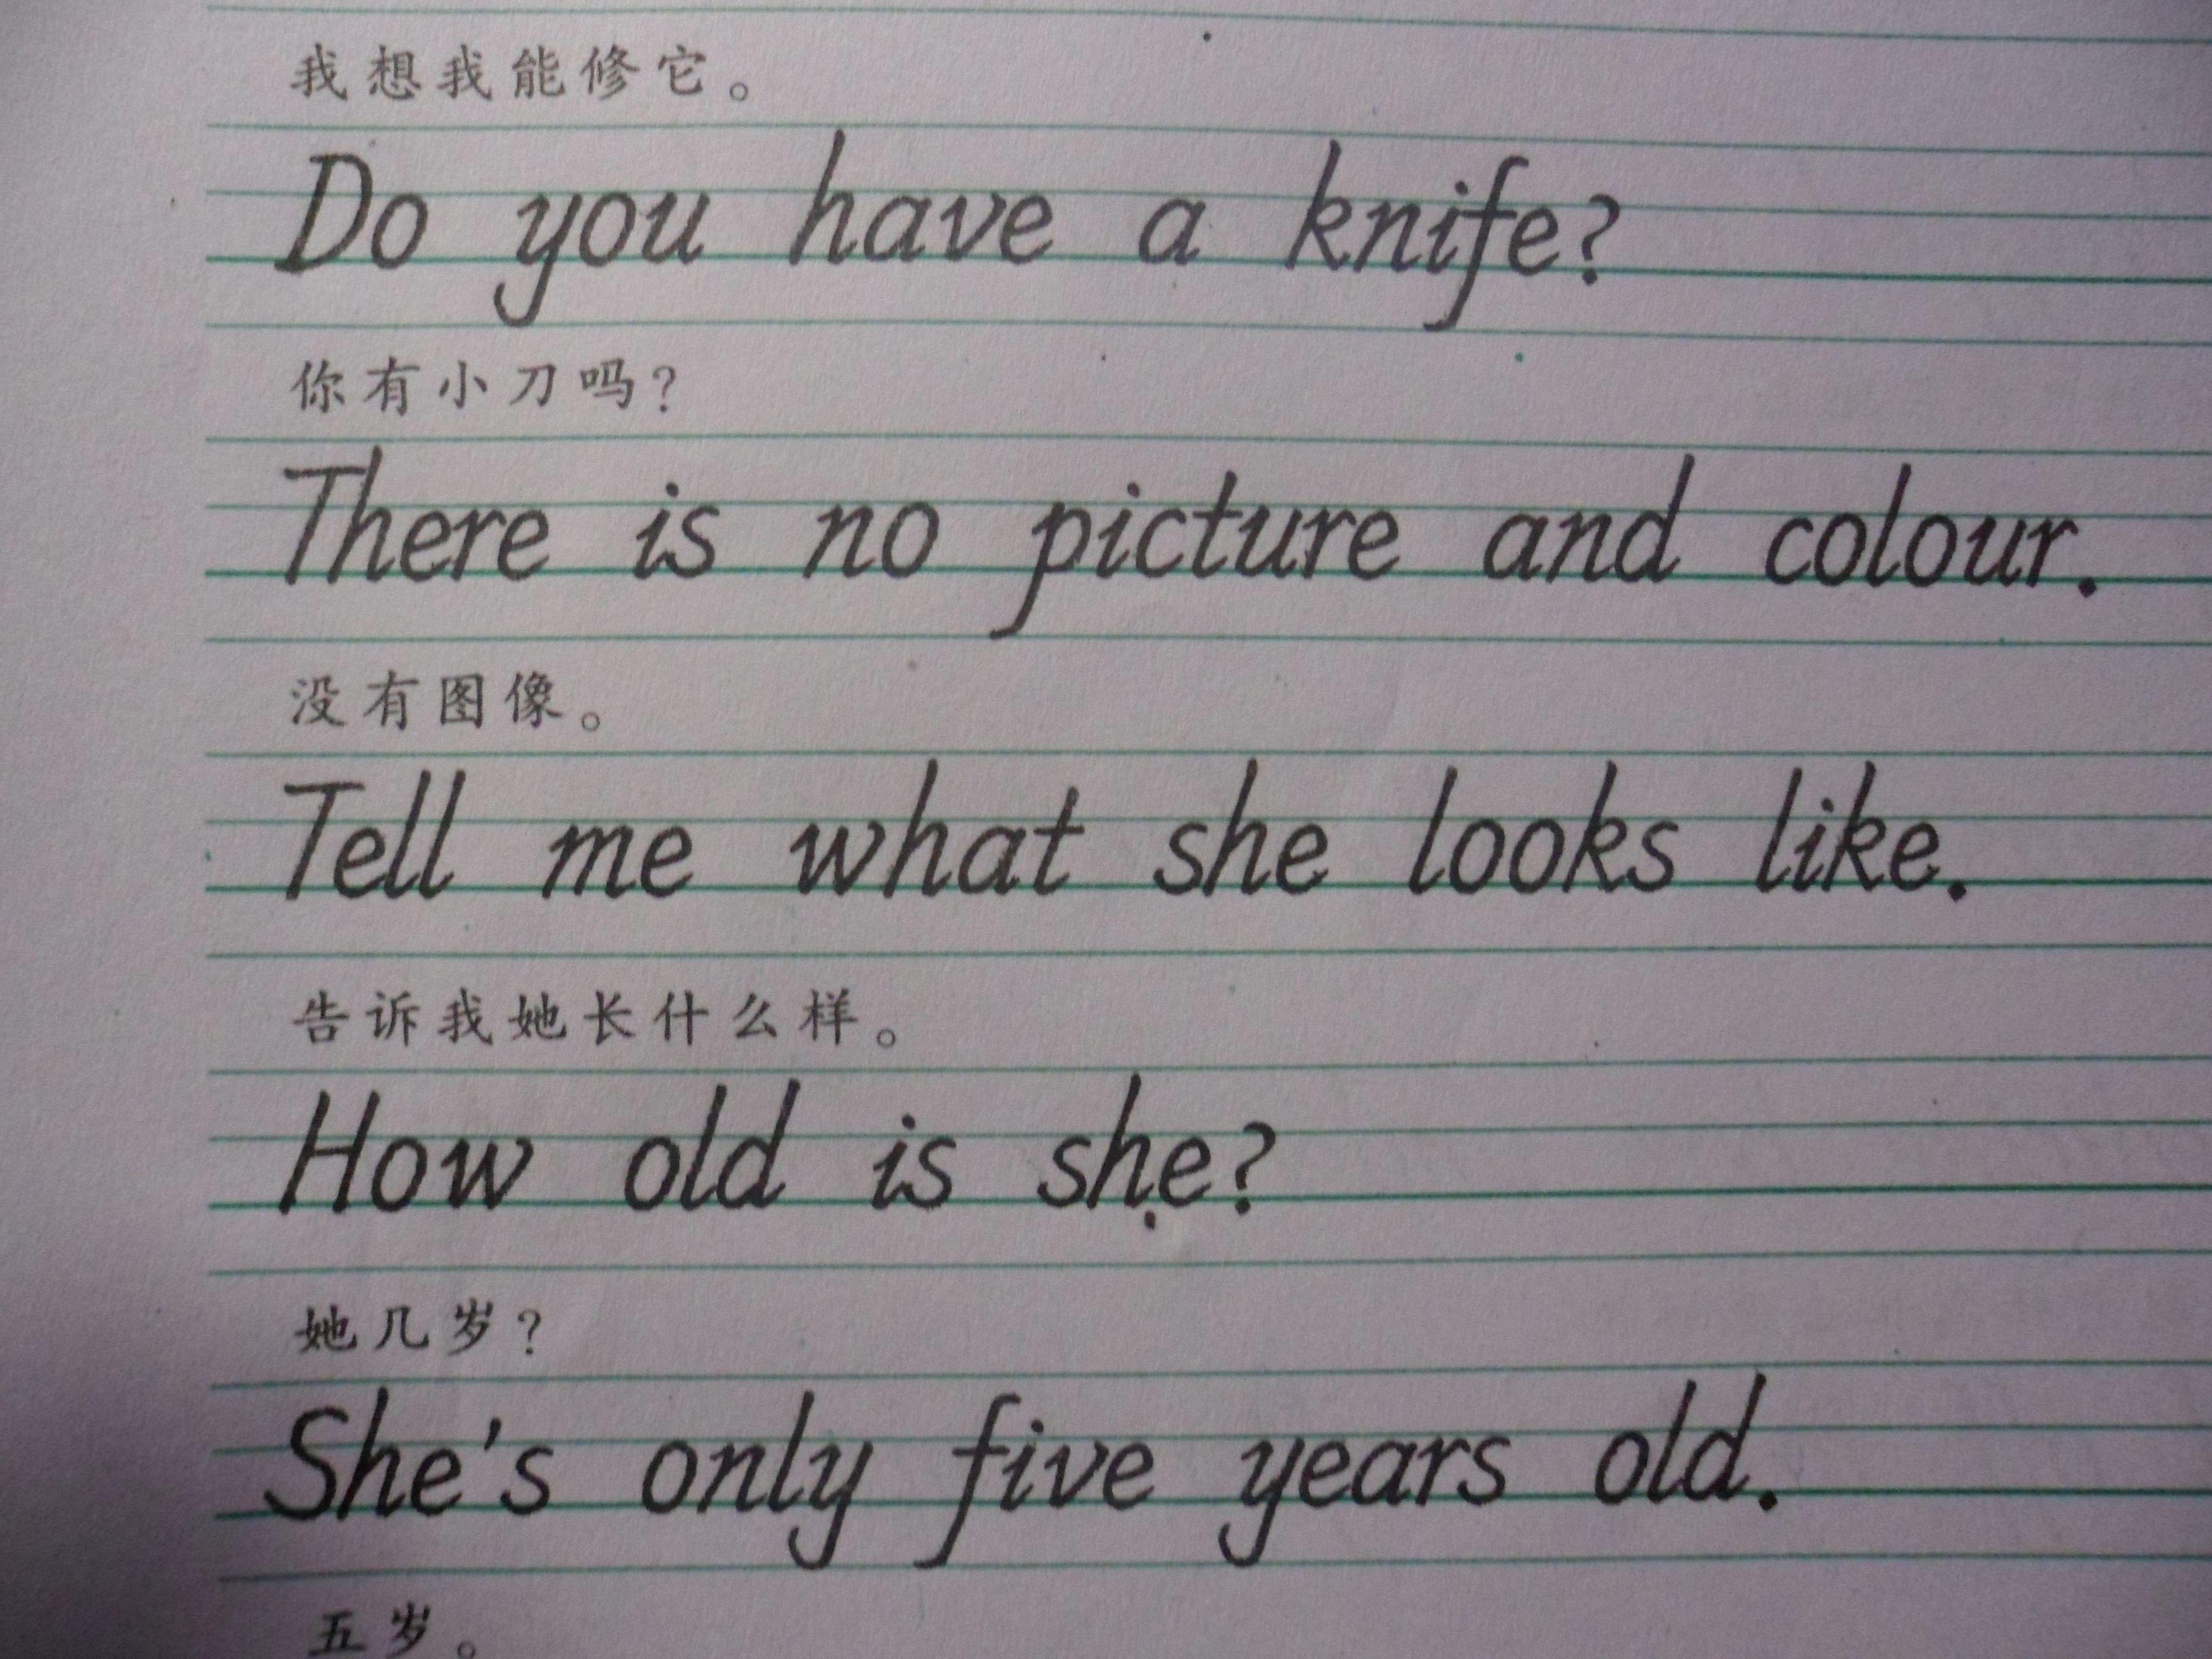 高考英语作文书写和手写印刷 体图片